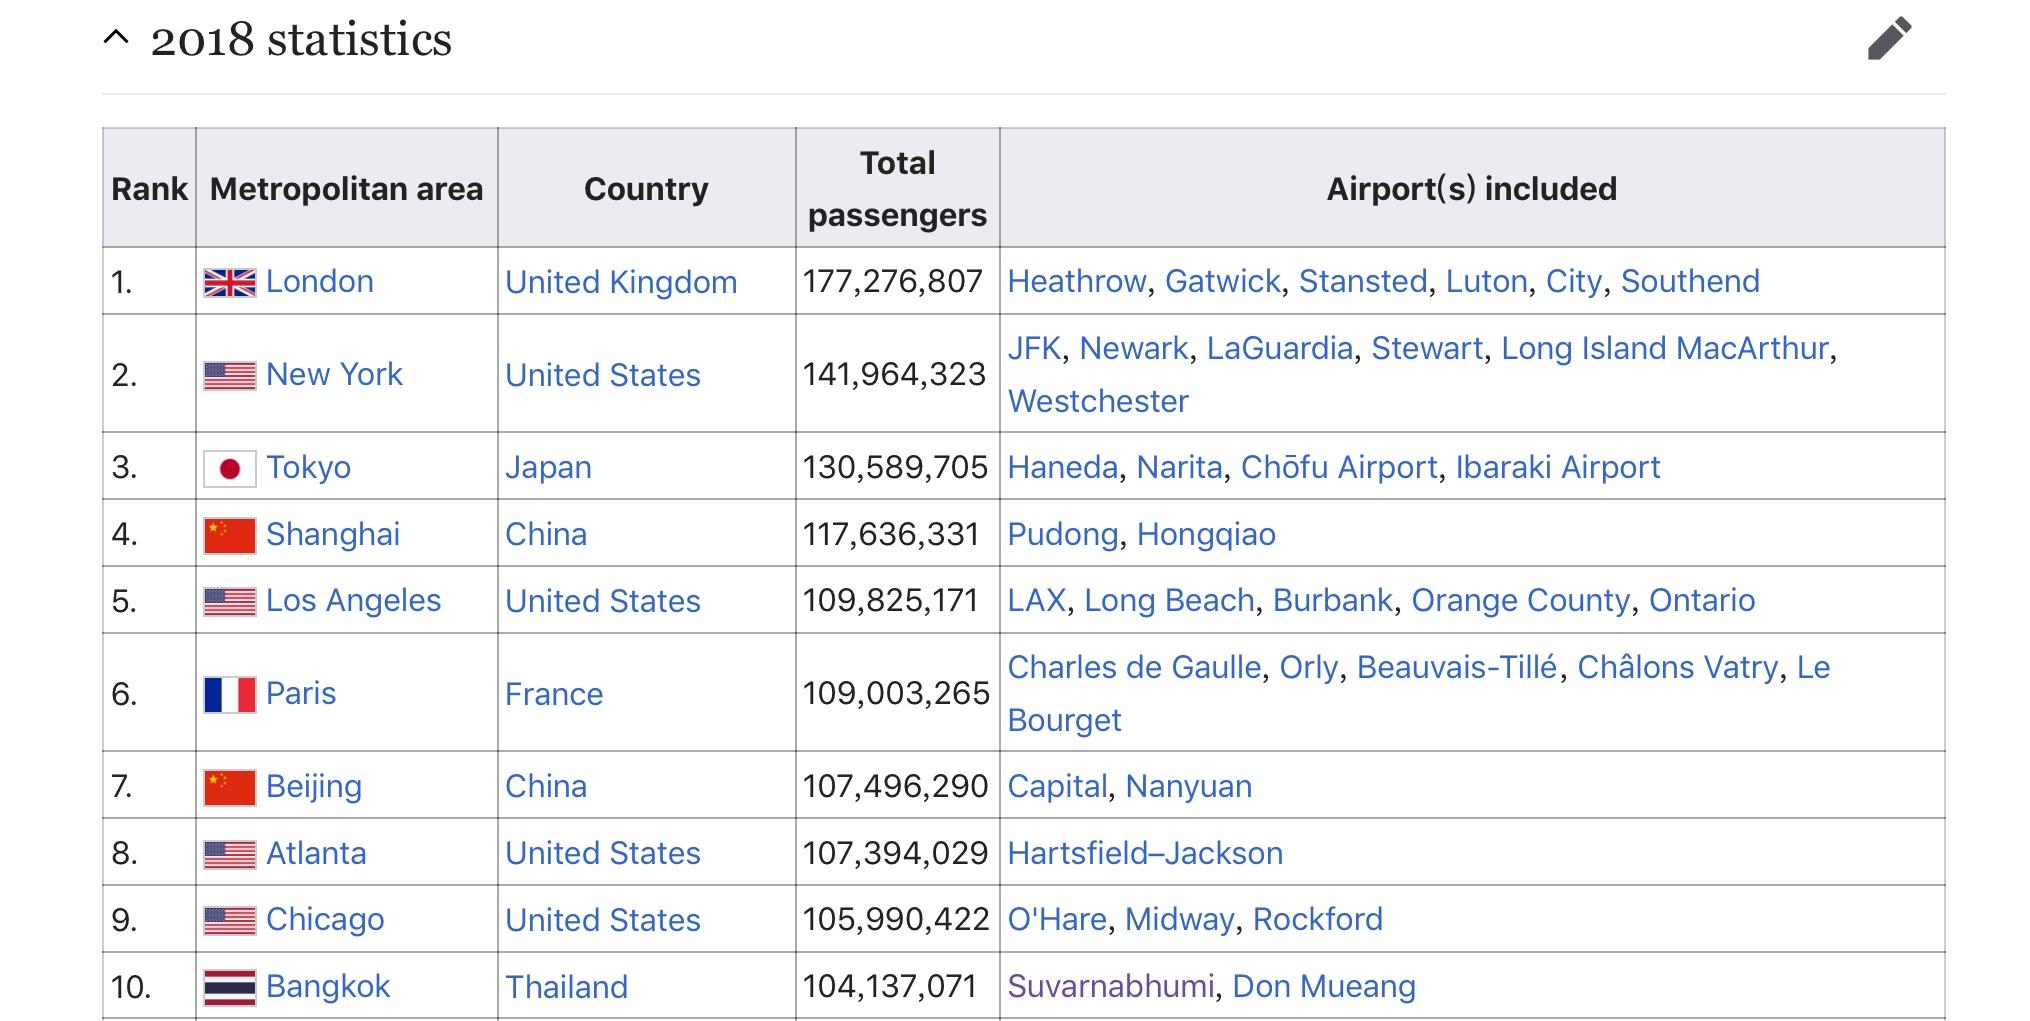 2018全球航空枢纽城市TOP10